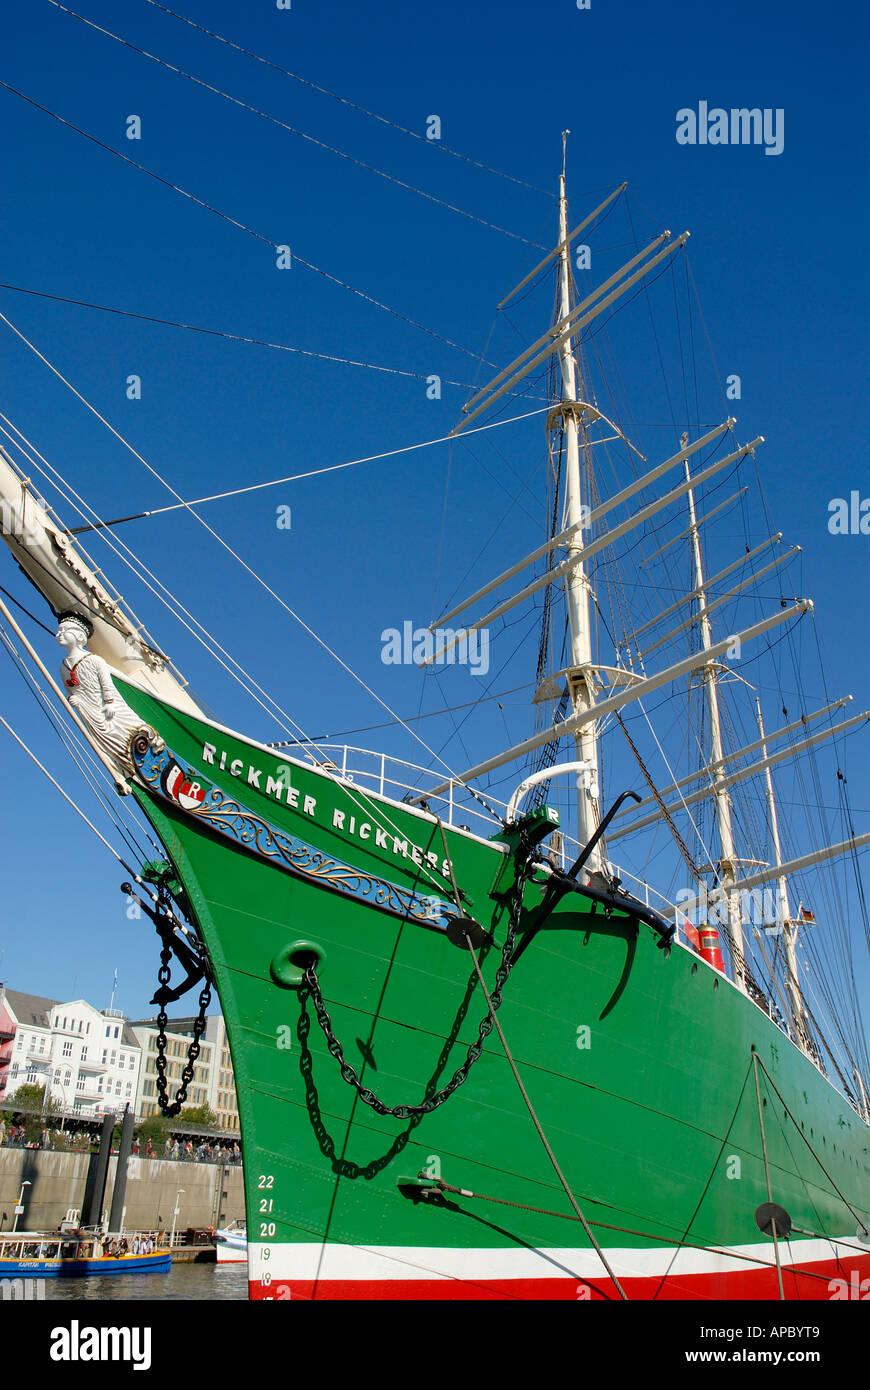 Bow of historic sail ship Rickmer Rickmers at Hamburg Harbour, Hamburg, Germany - Stock Image